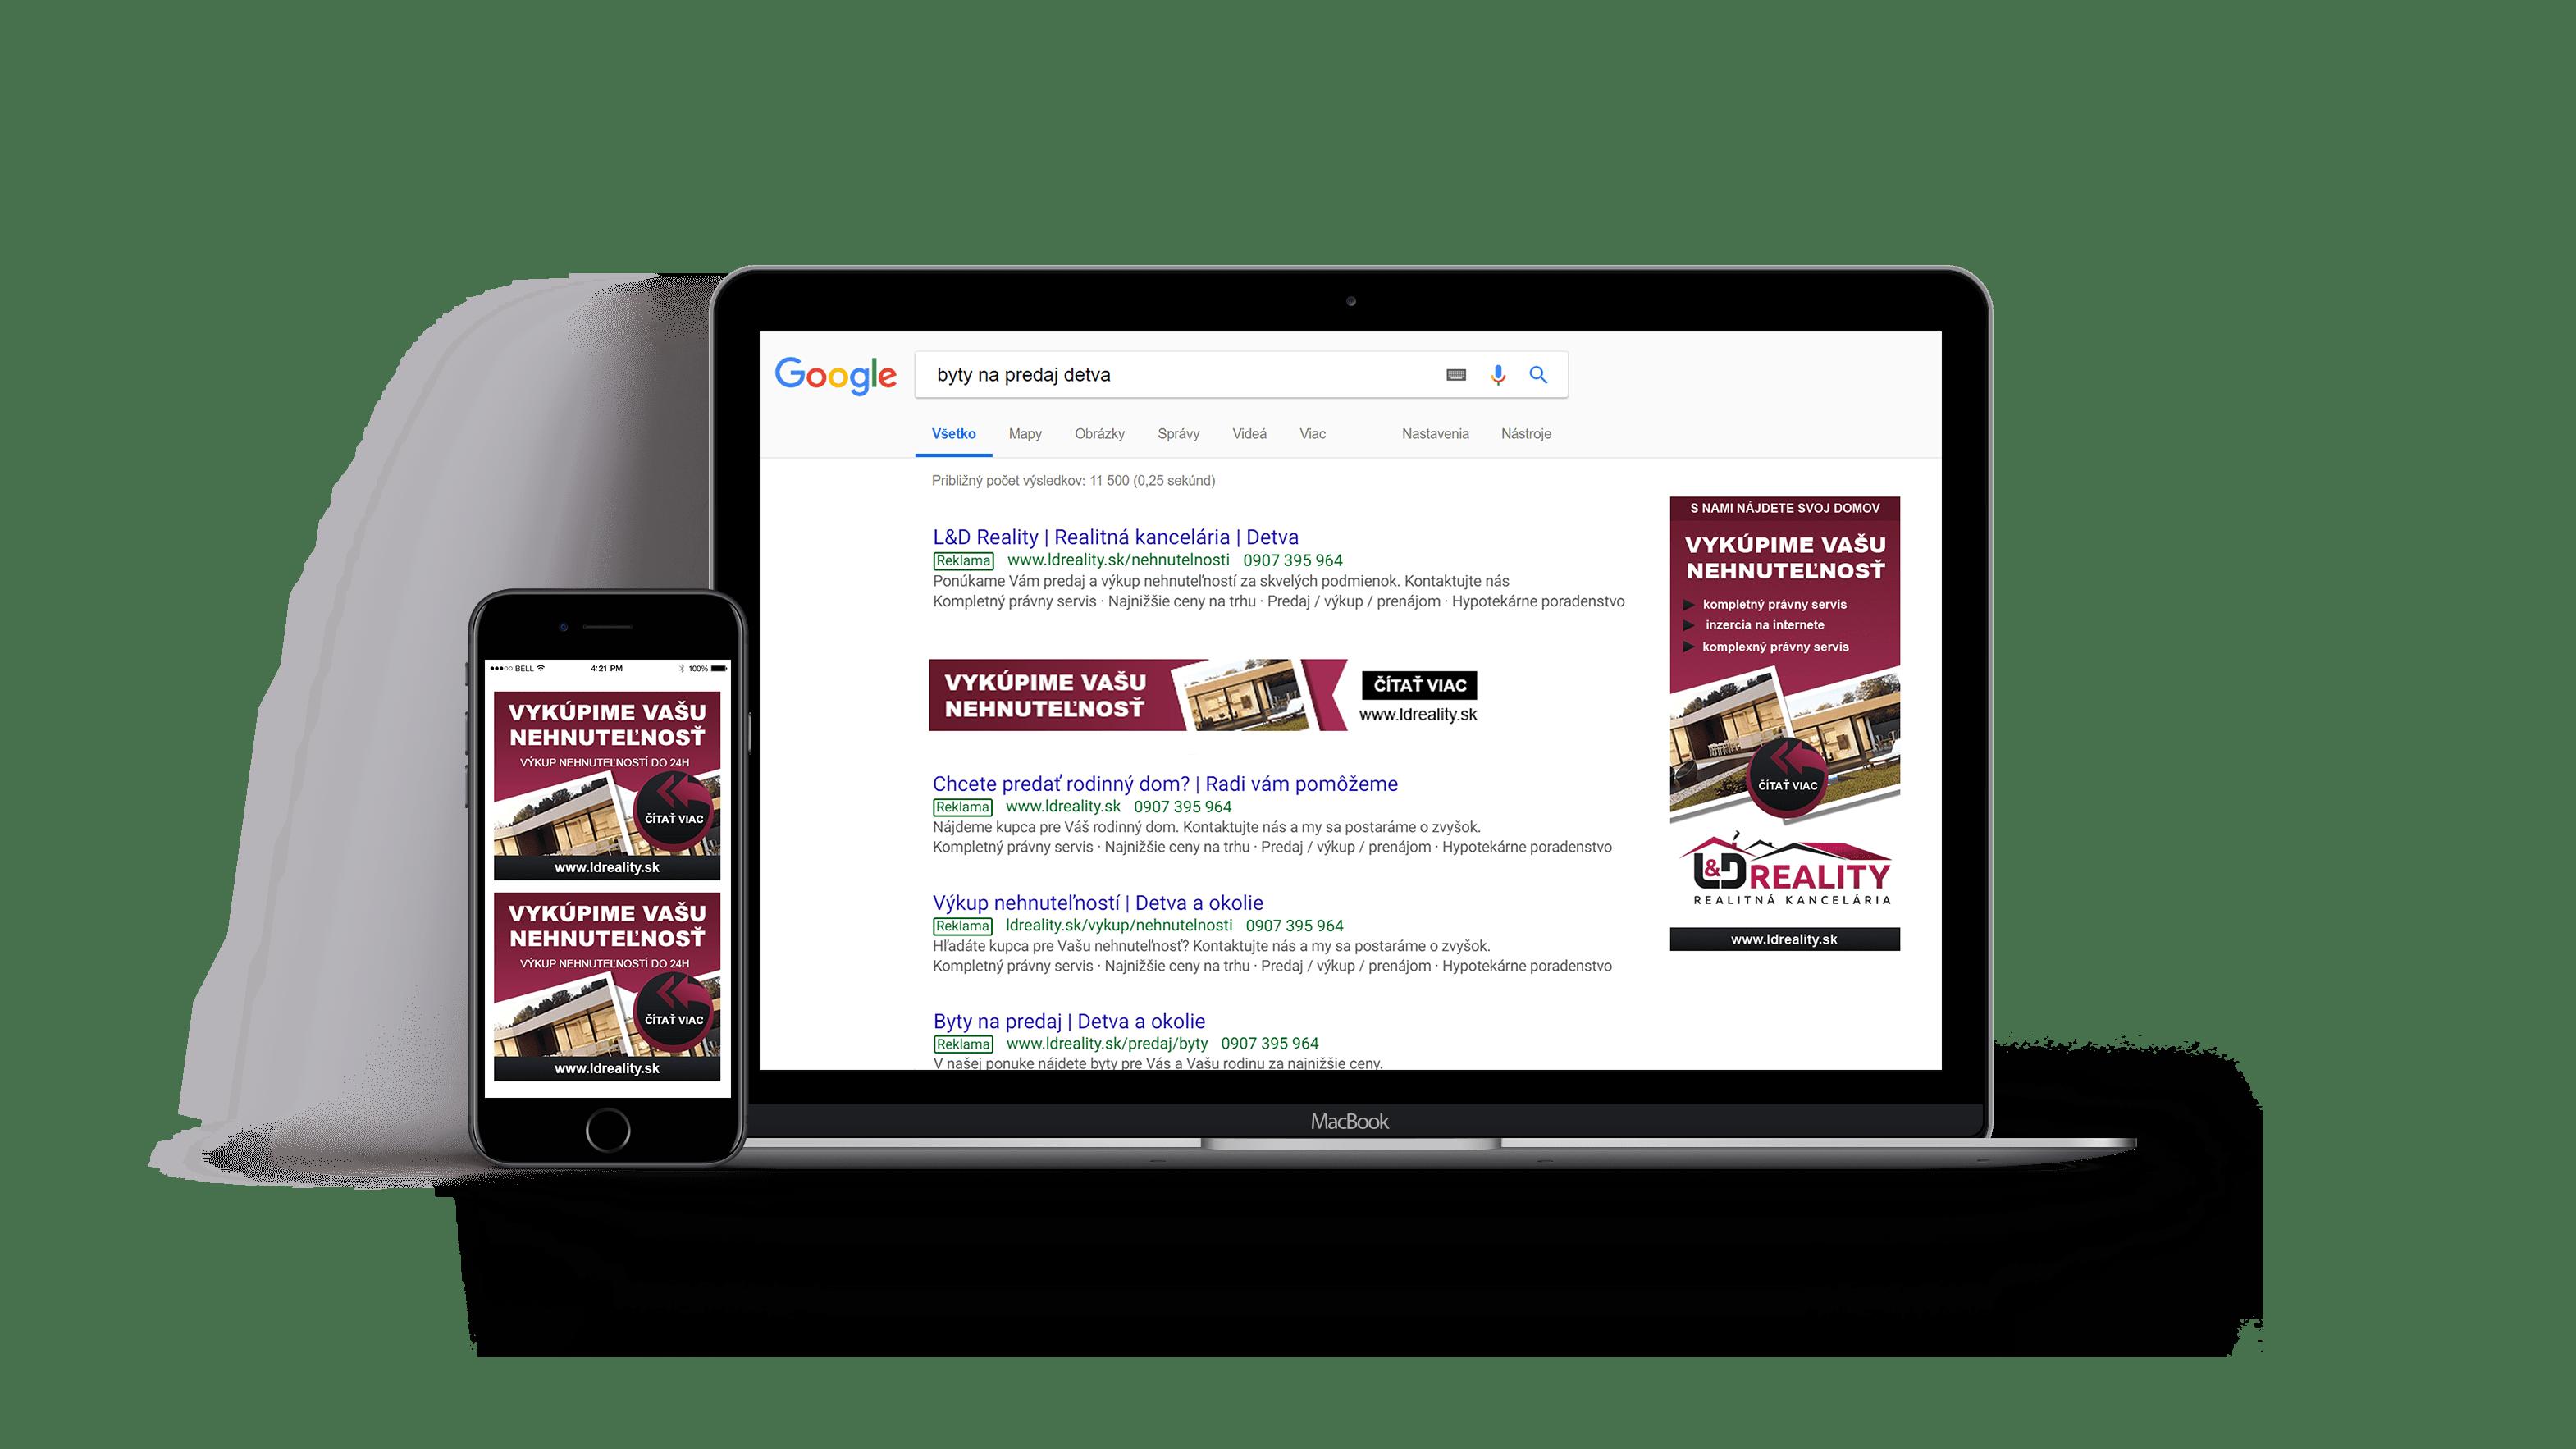 Google reklama spoločnosti LD Reality na notebooku a mobile